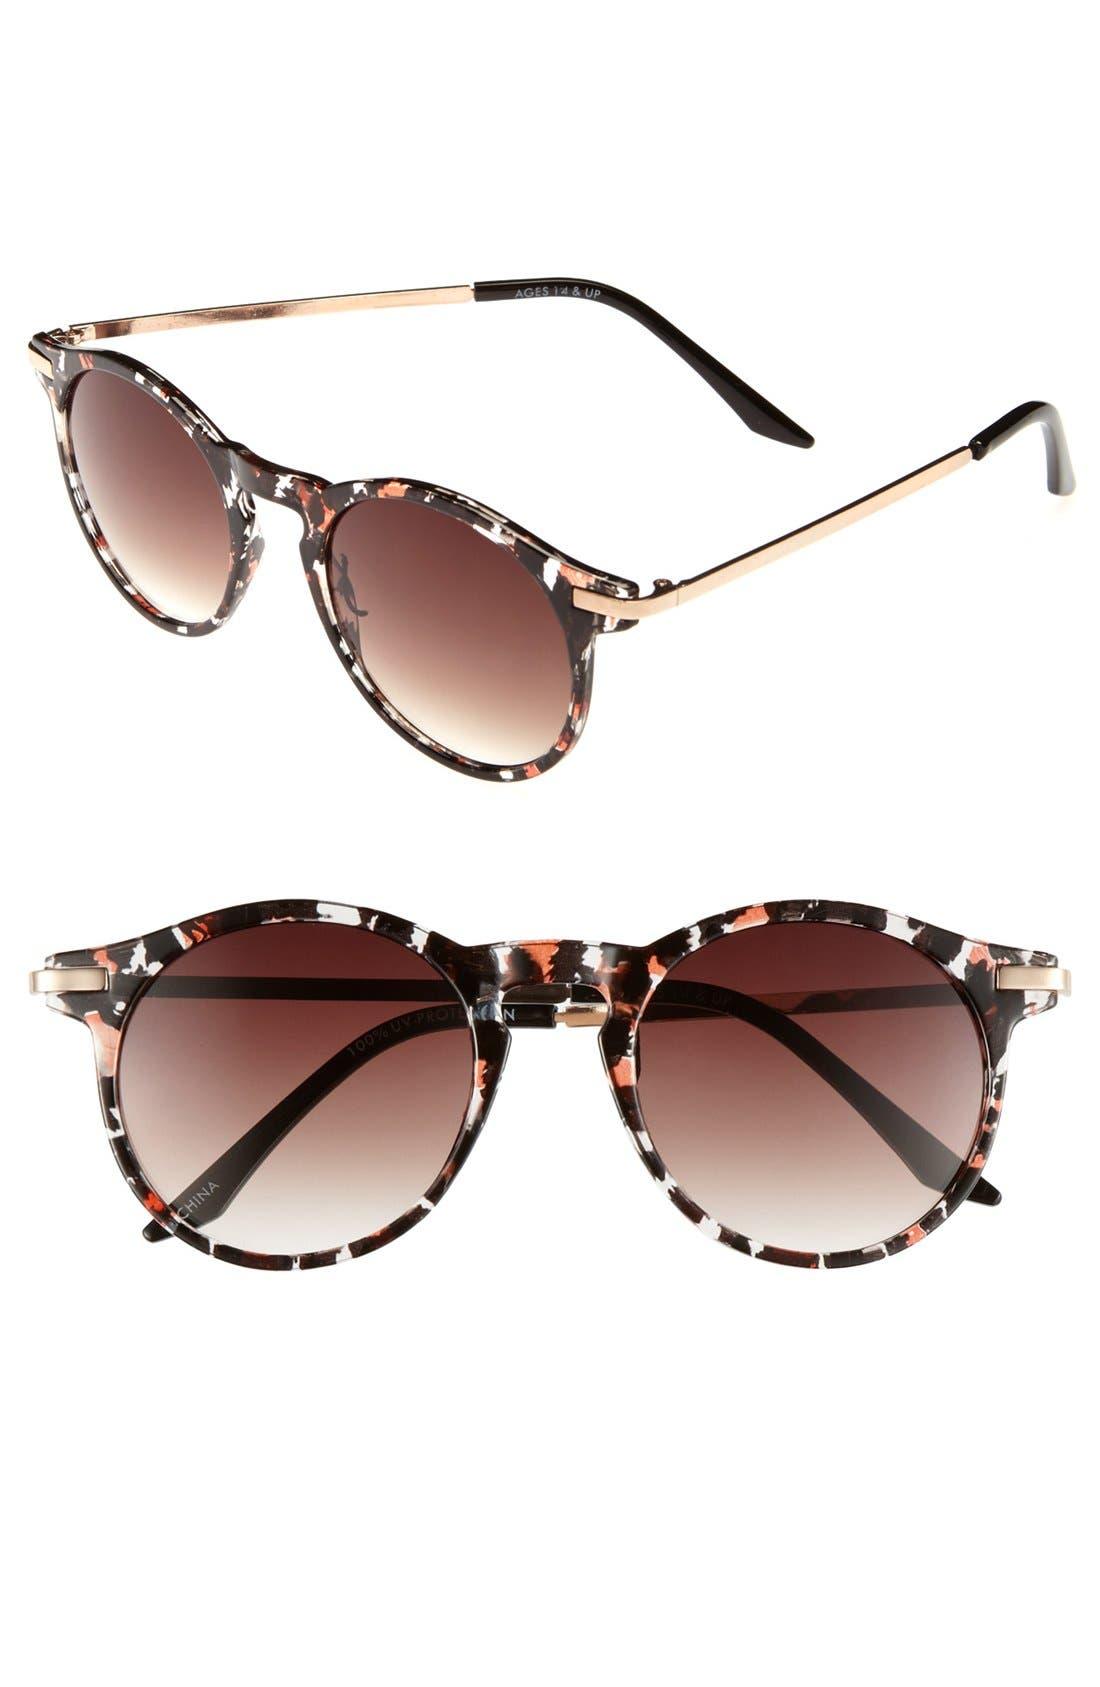 Main Image - FE NY 'Amadora' Sunglasses